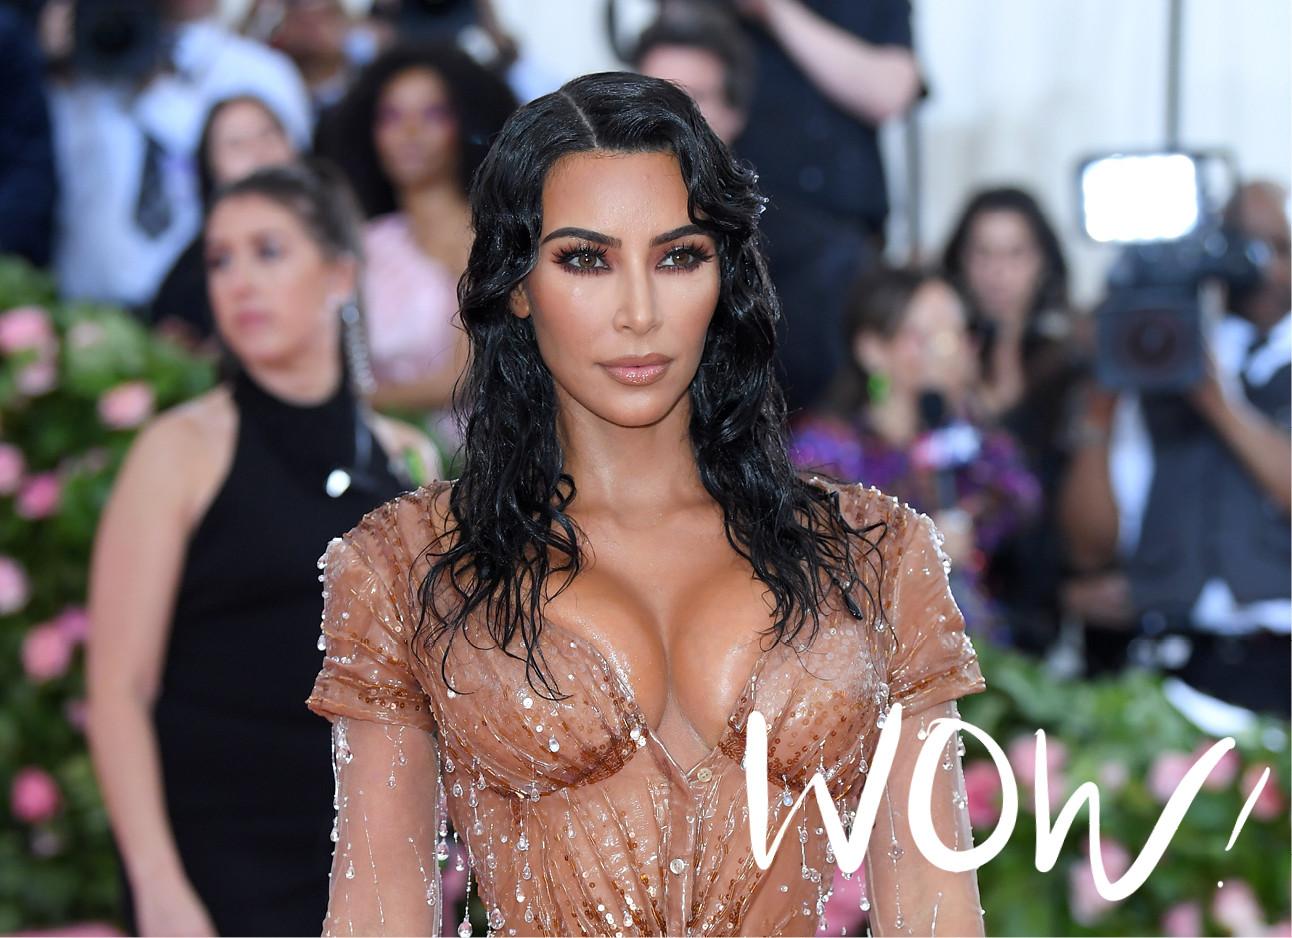 kim kardashian op het MET gala 2019 in een nude kleurige jurk met glitters